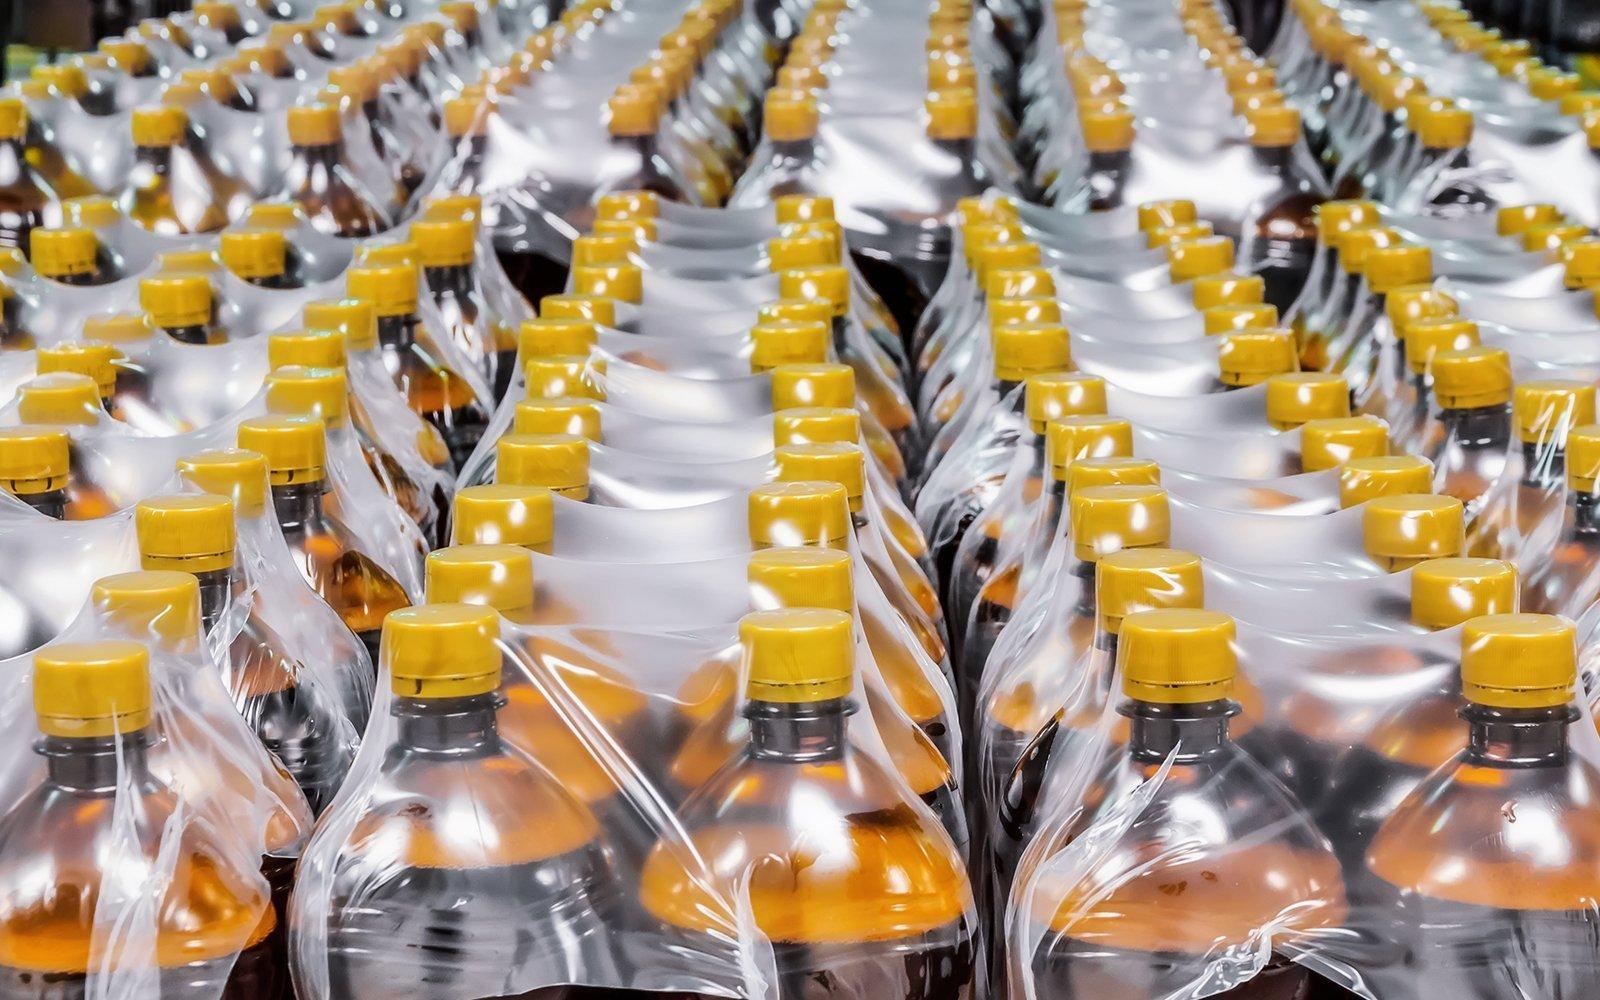 delle bottiglie imballate